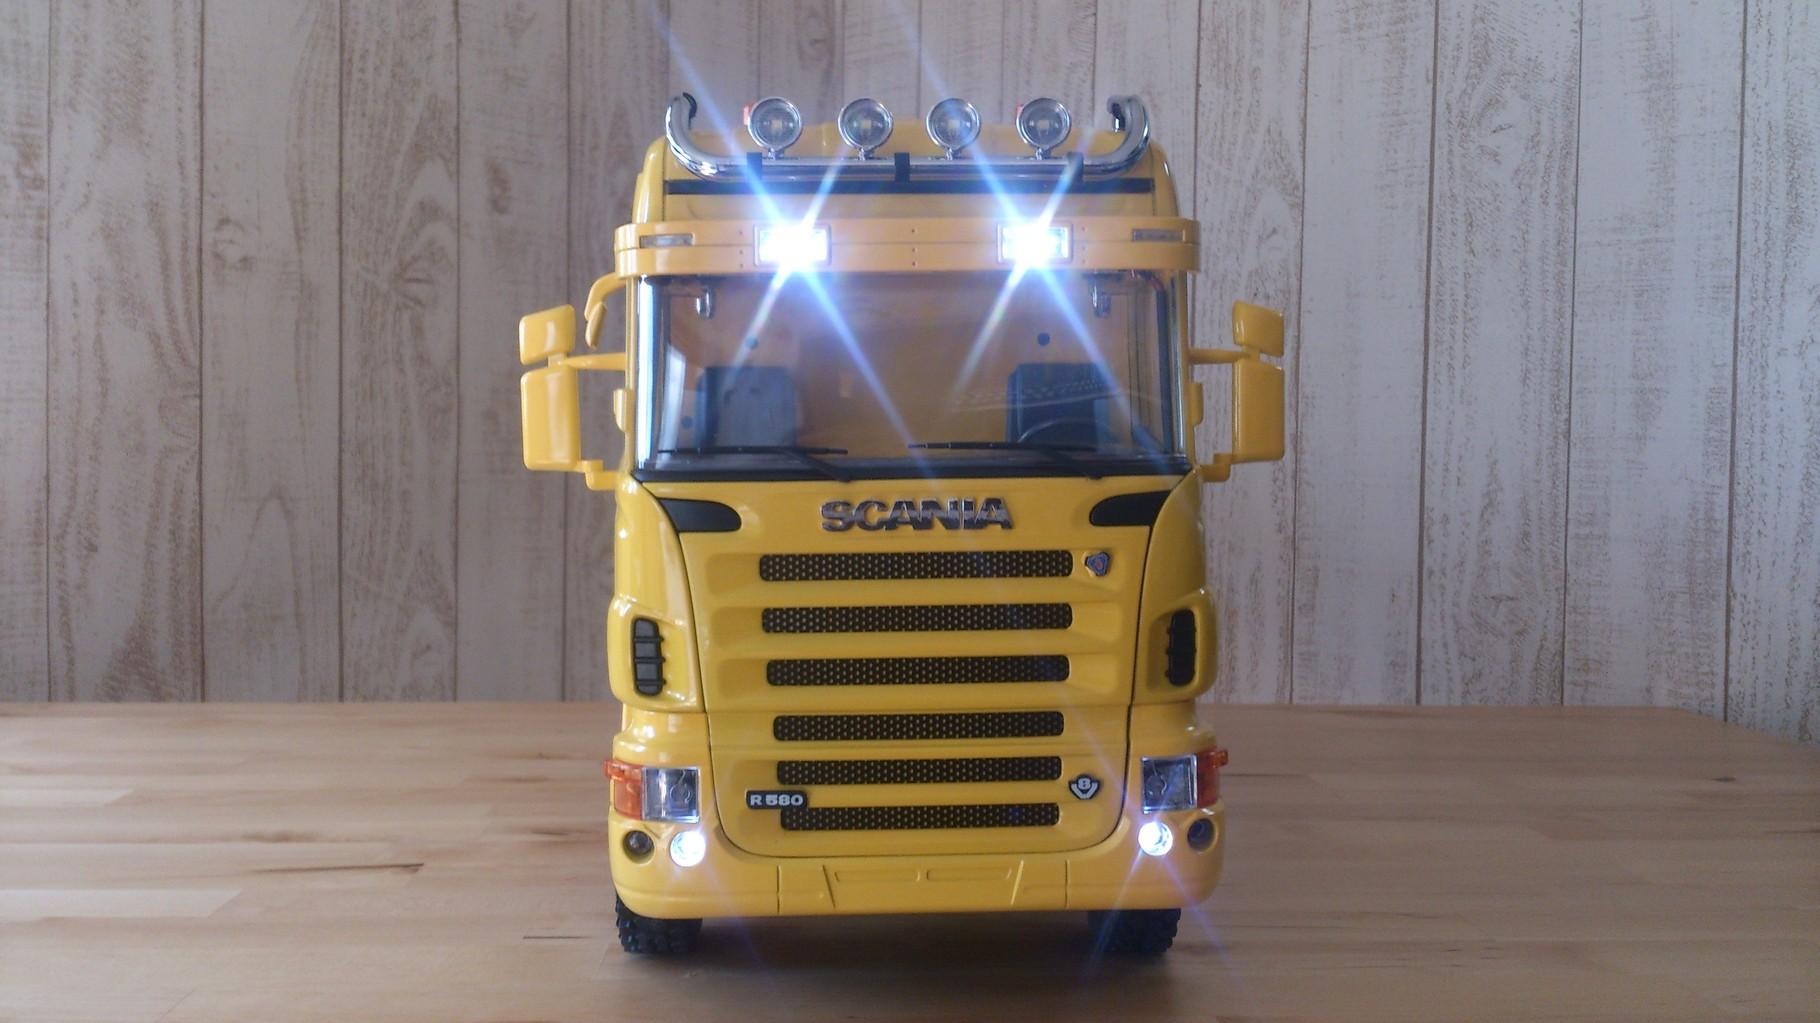 スカニア4軸3転ダンプトラック_サンブラインドのタウンライト、ビームライトとロービーム点灯